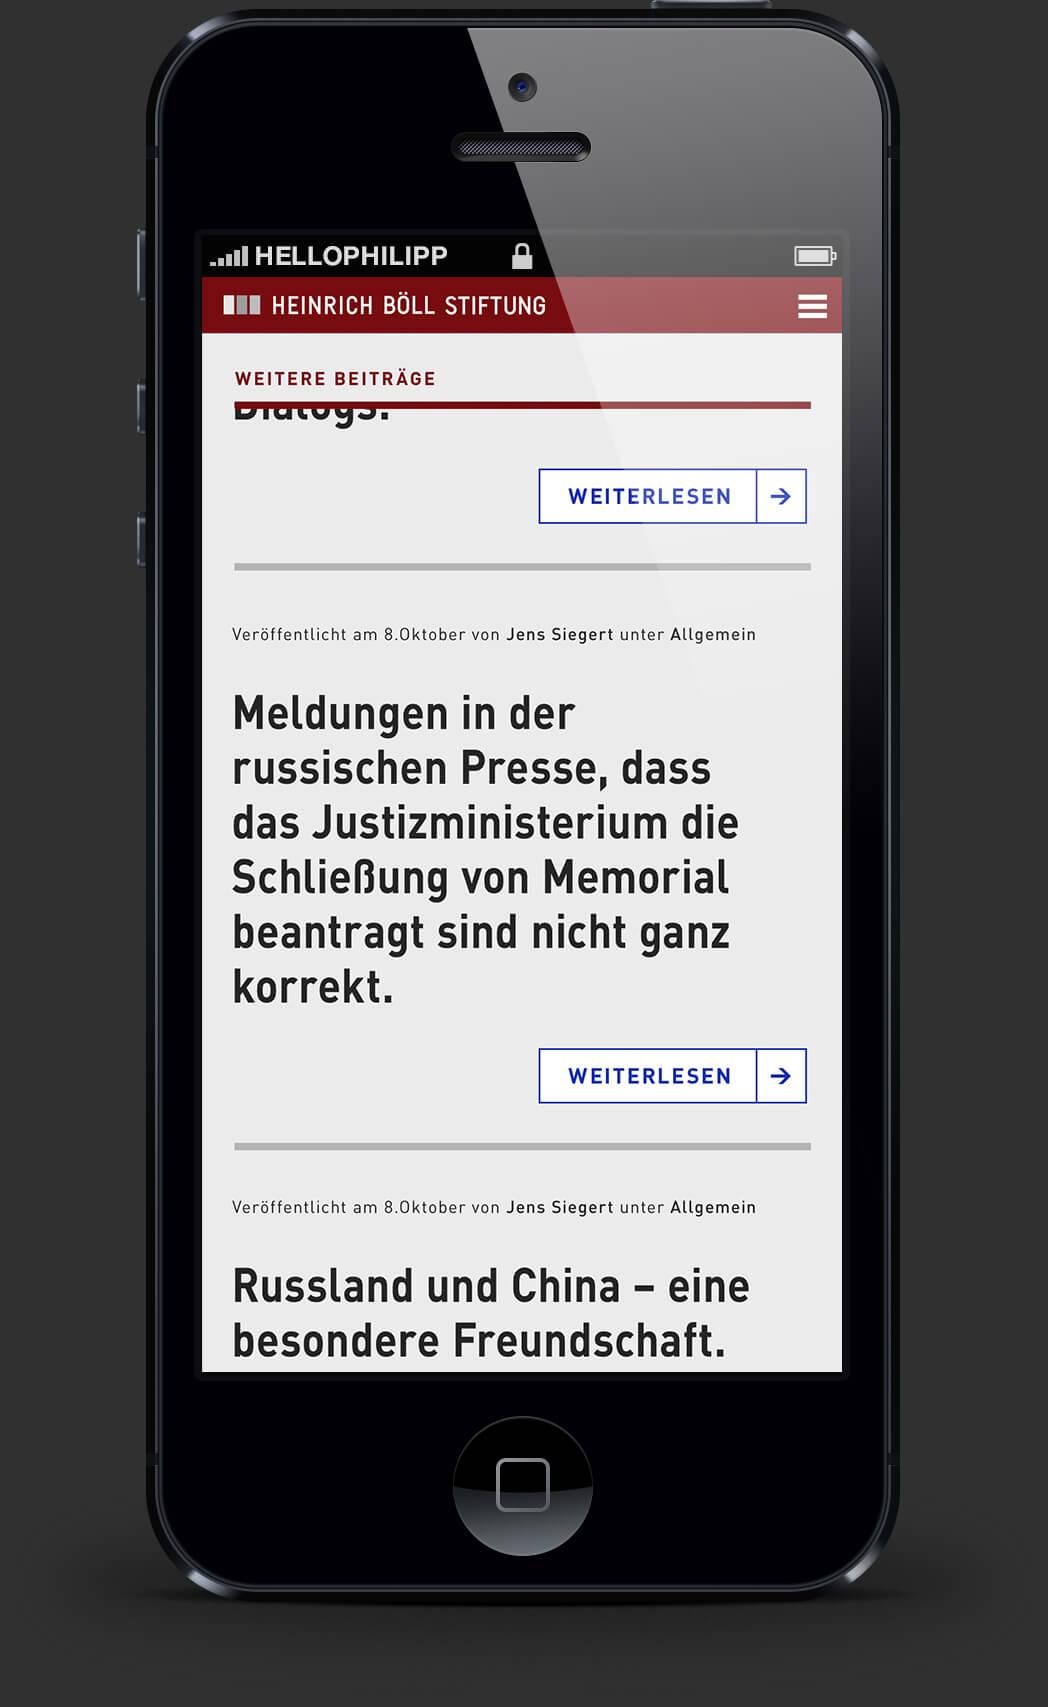 boell_start_mobile_4